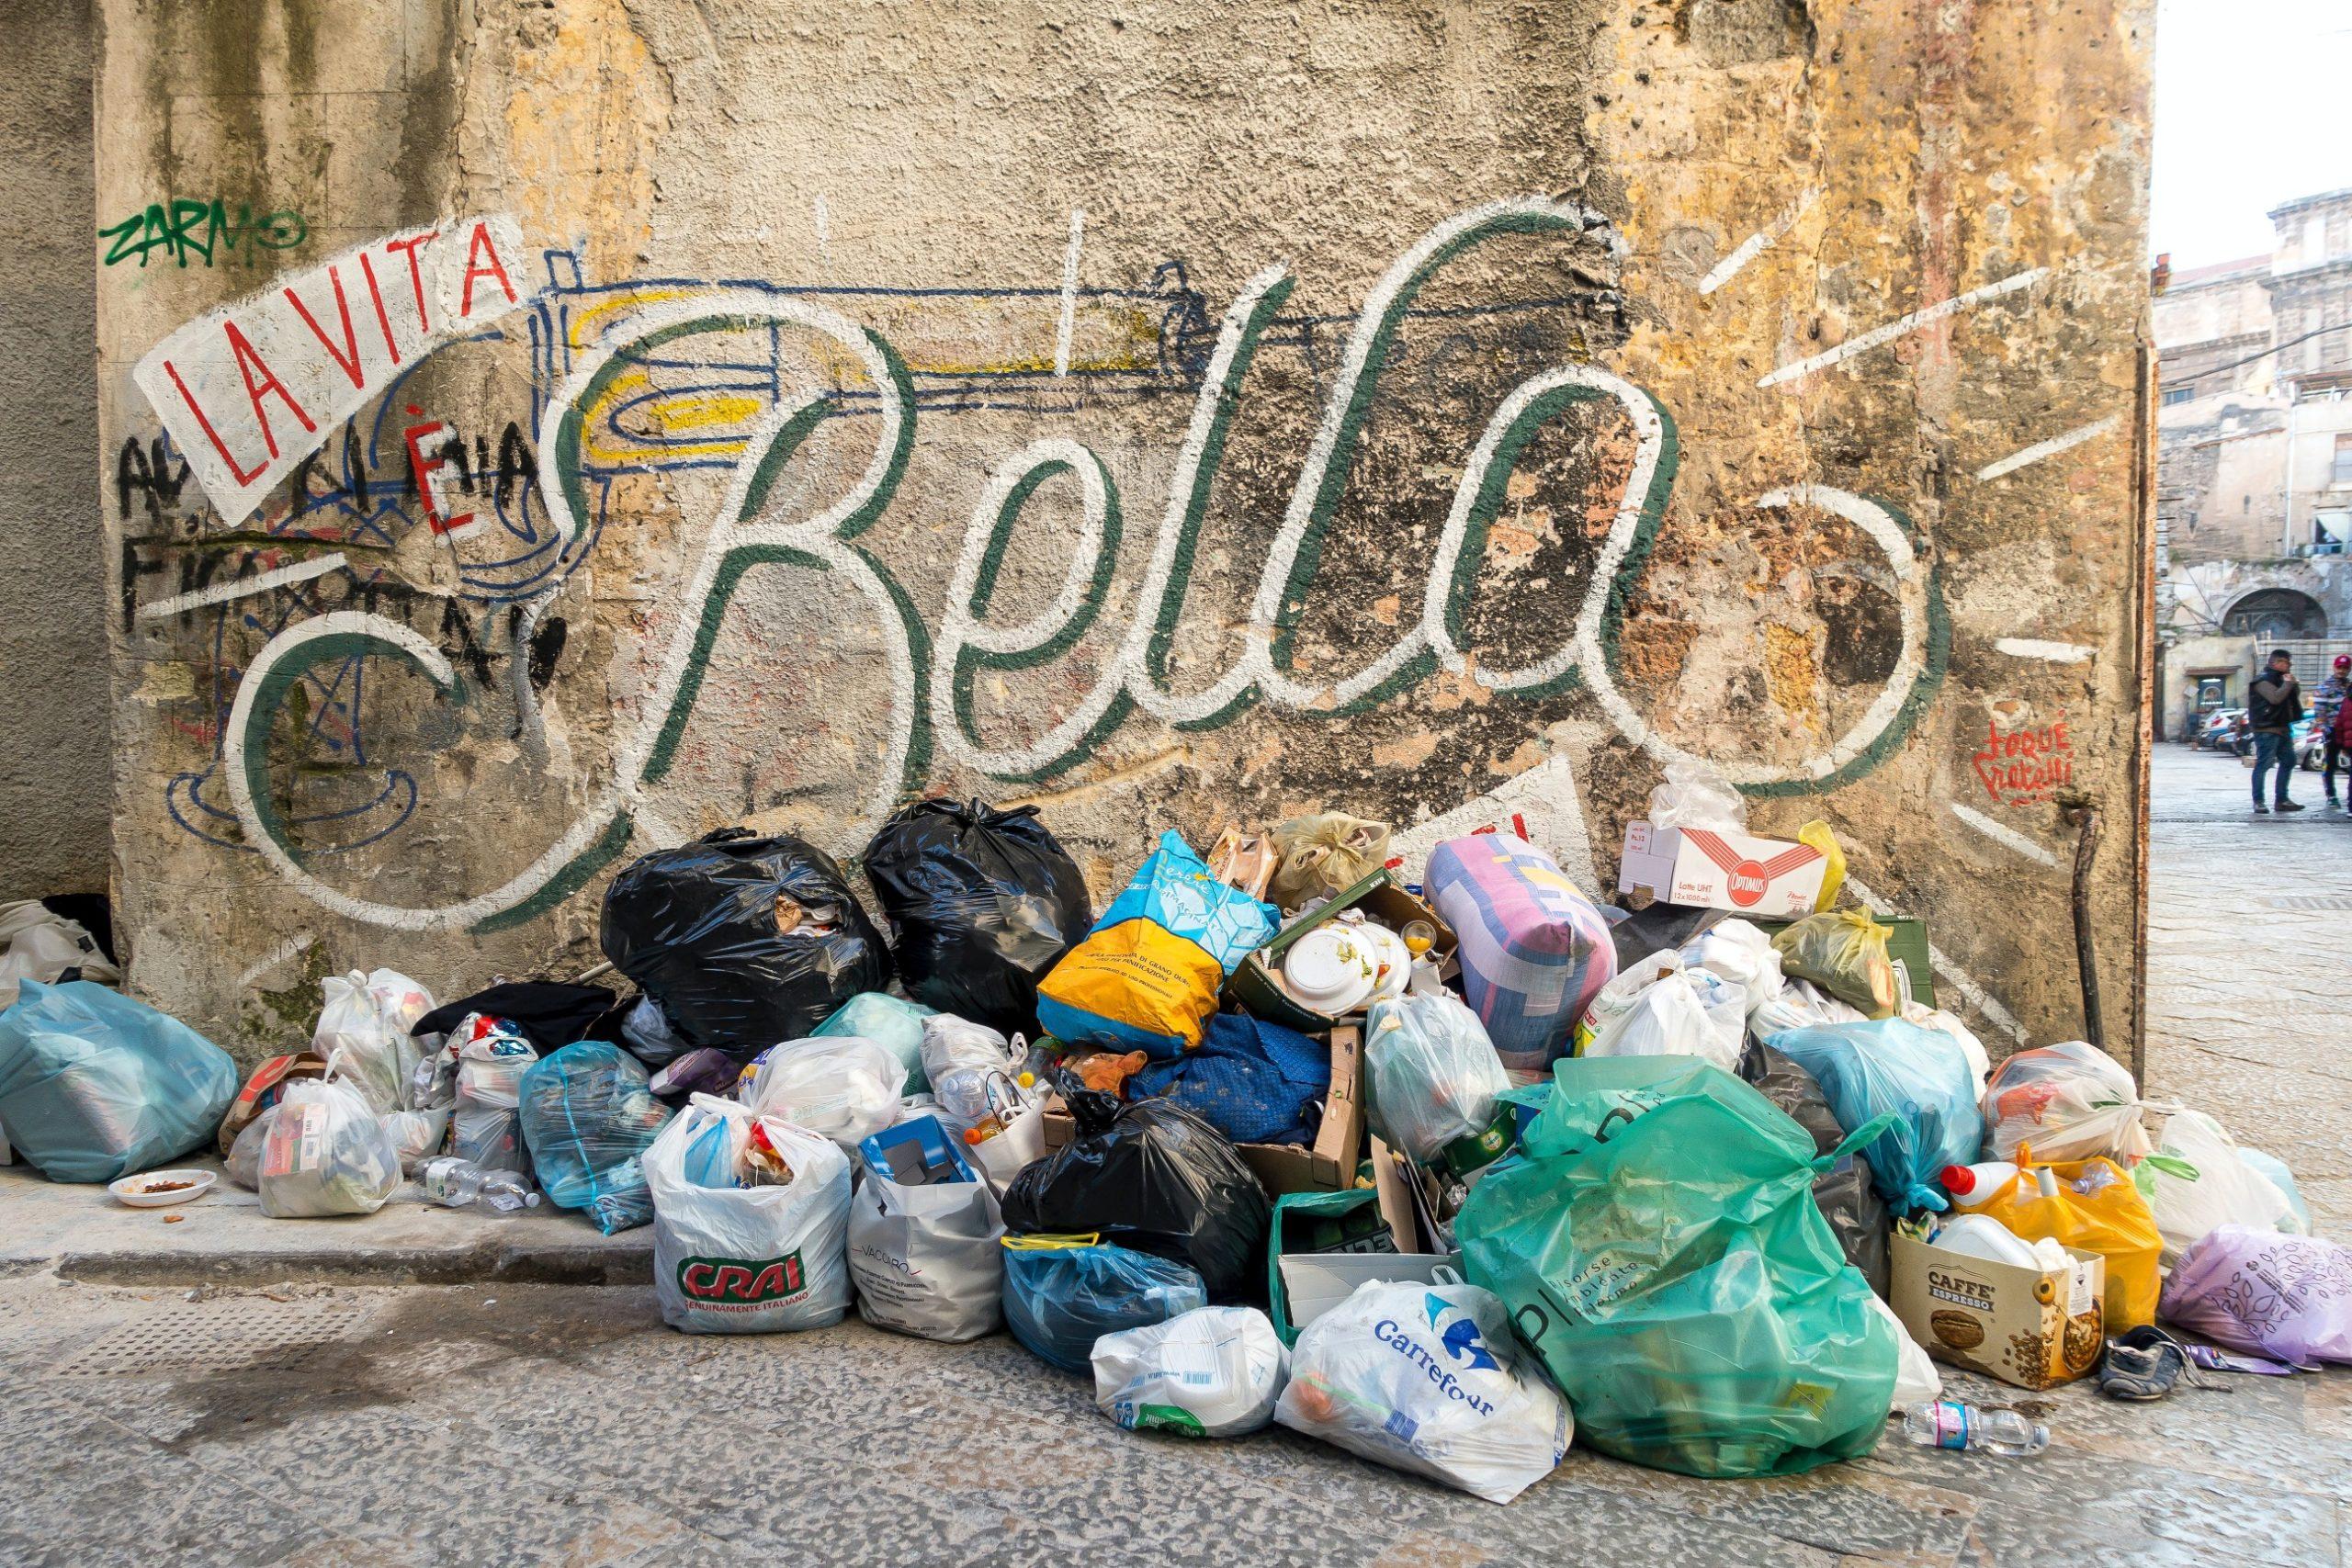 """Auf diesem Bild sieht man einen Müllberg und im Hintergrund den Schritzug """"La vita e bella""""."""